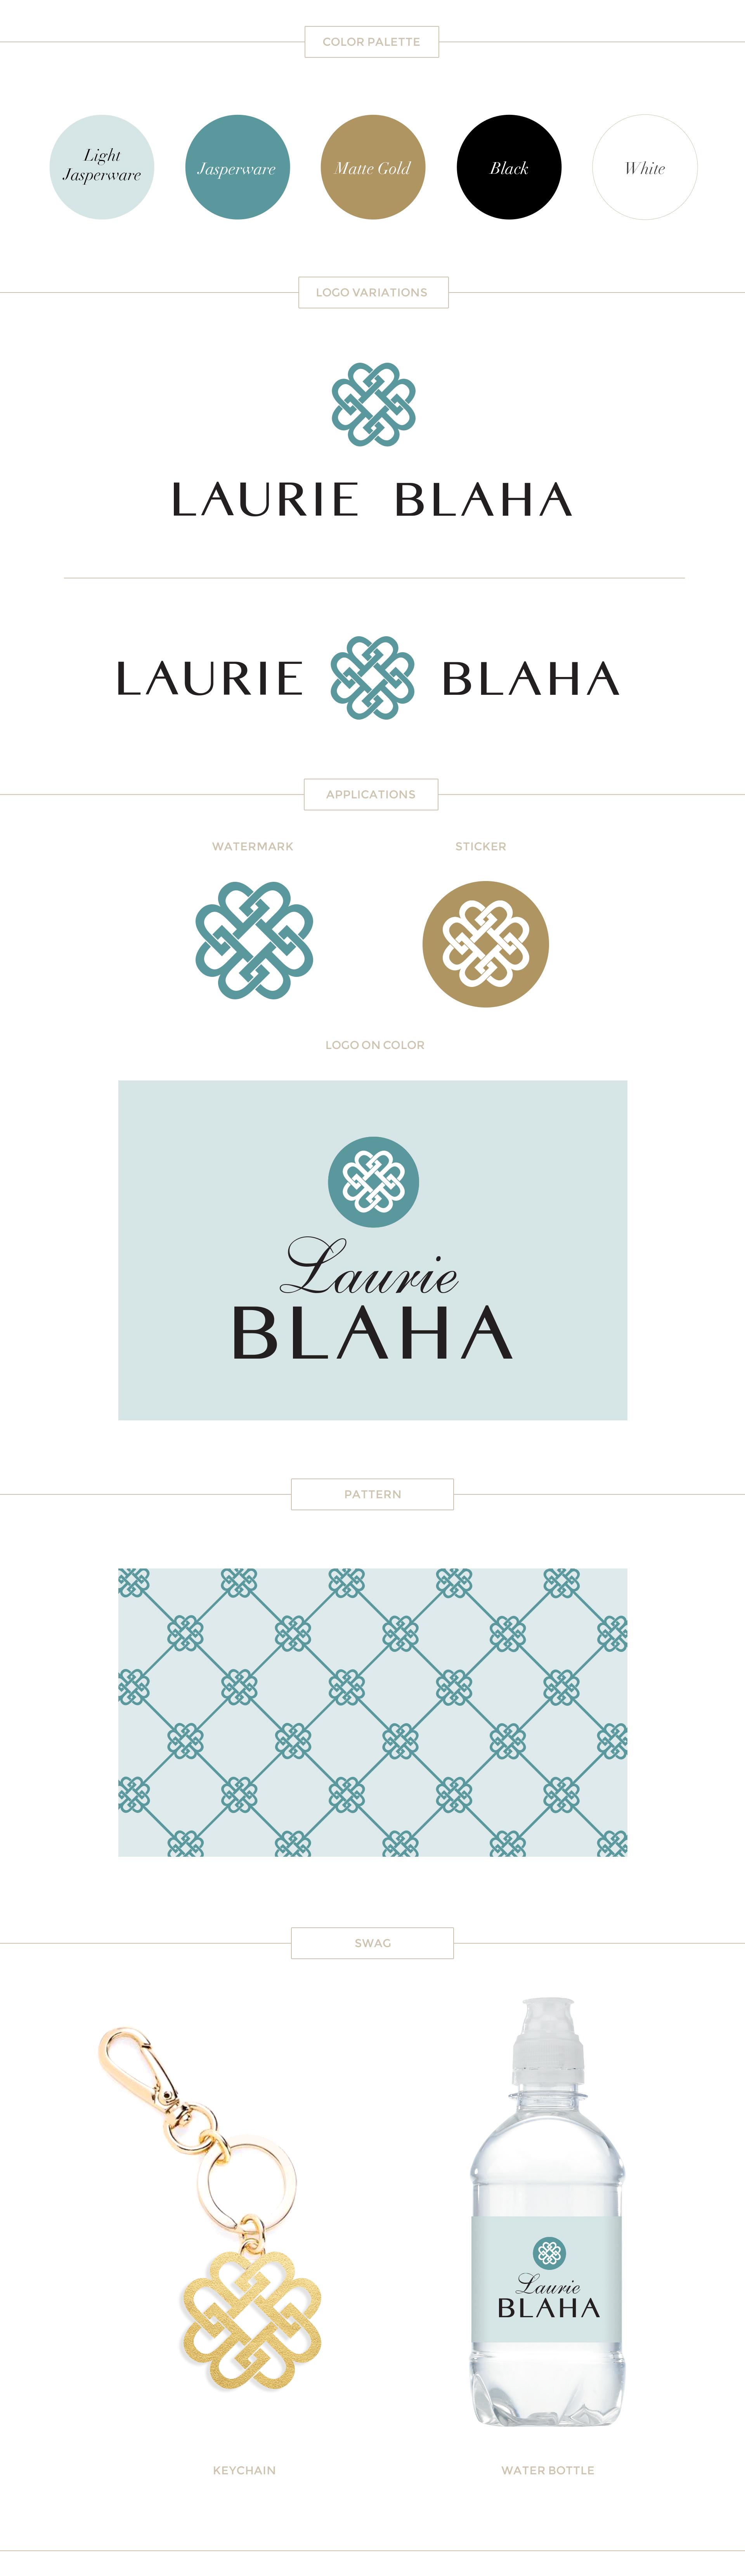 Paige Smith Portfolio Laurie Blaha Brand Identity Style Board